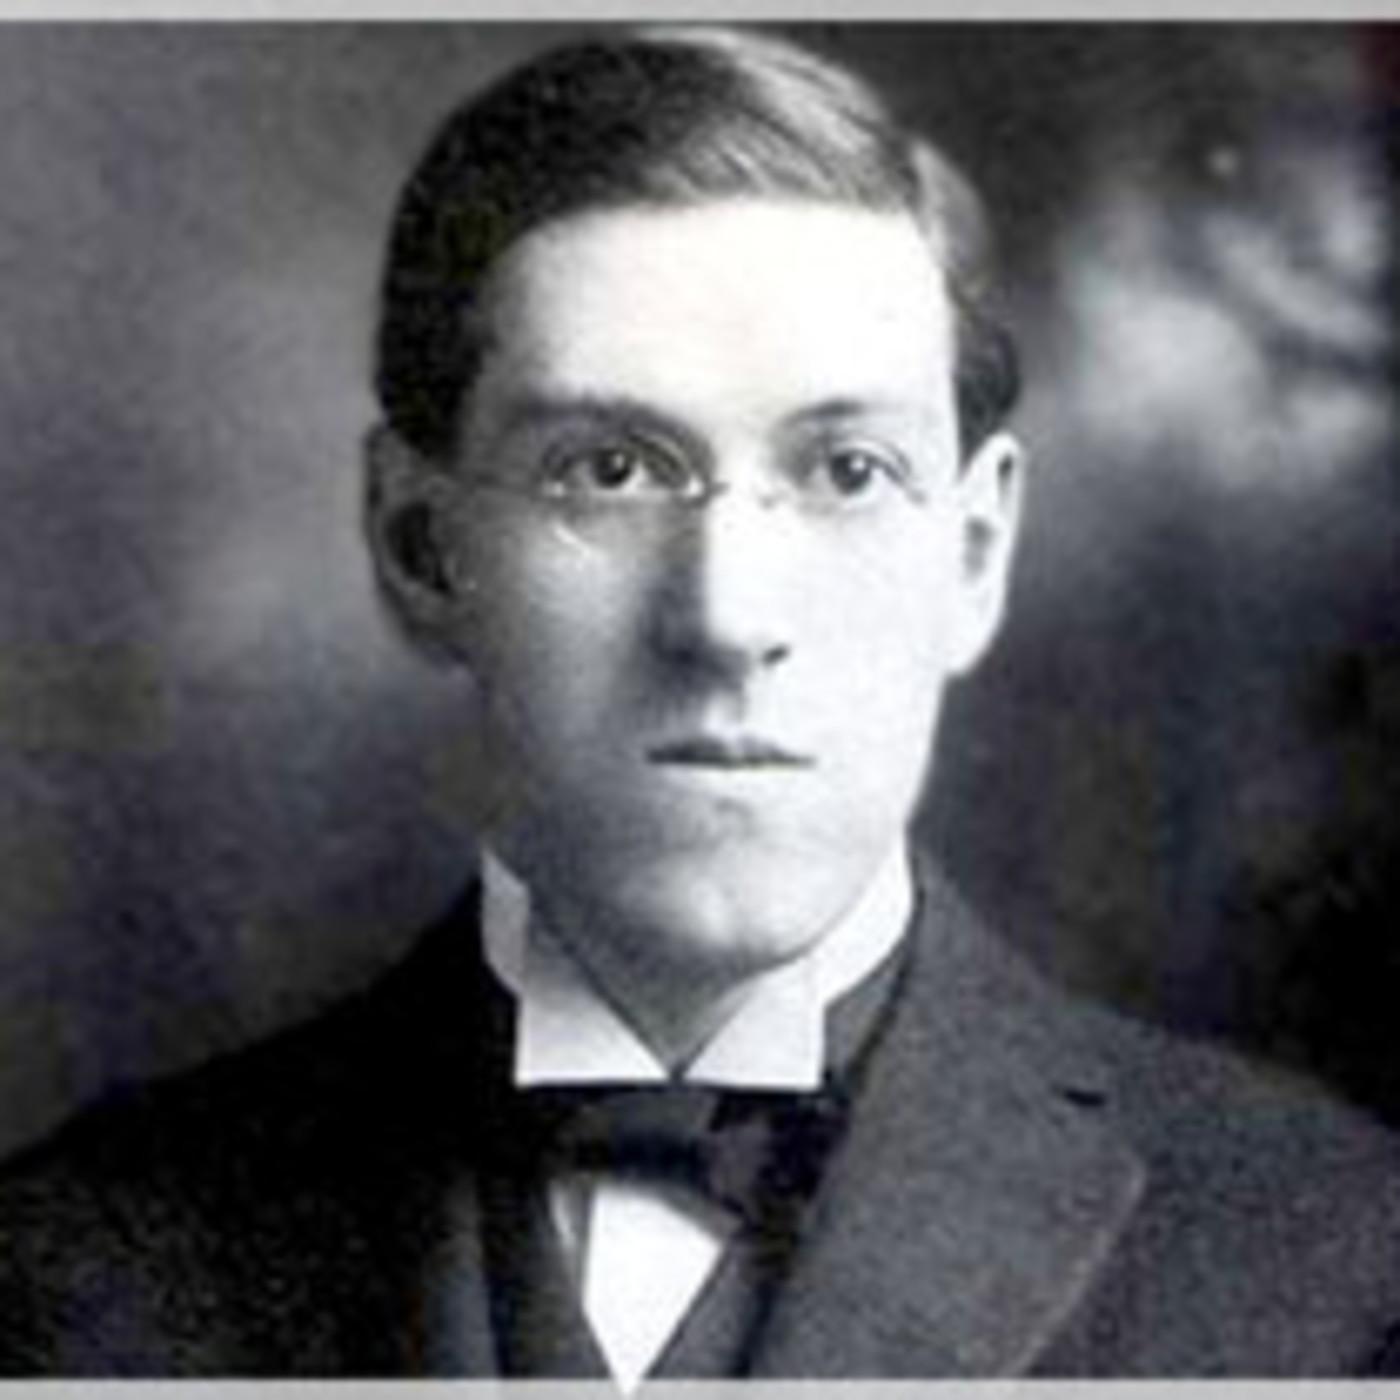 LTSM 2.1 La Tardis Sobre Metropolis: Lovecraft: obra y mitos (+ extras)